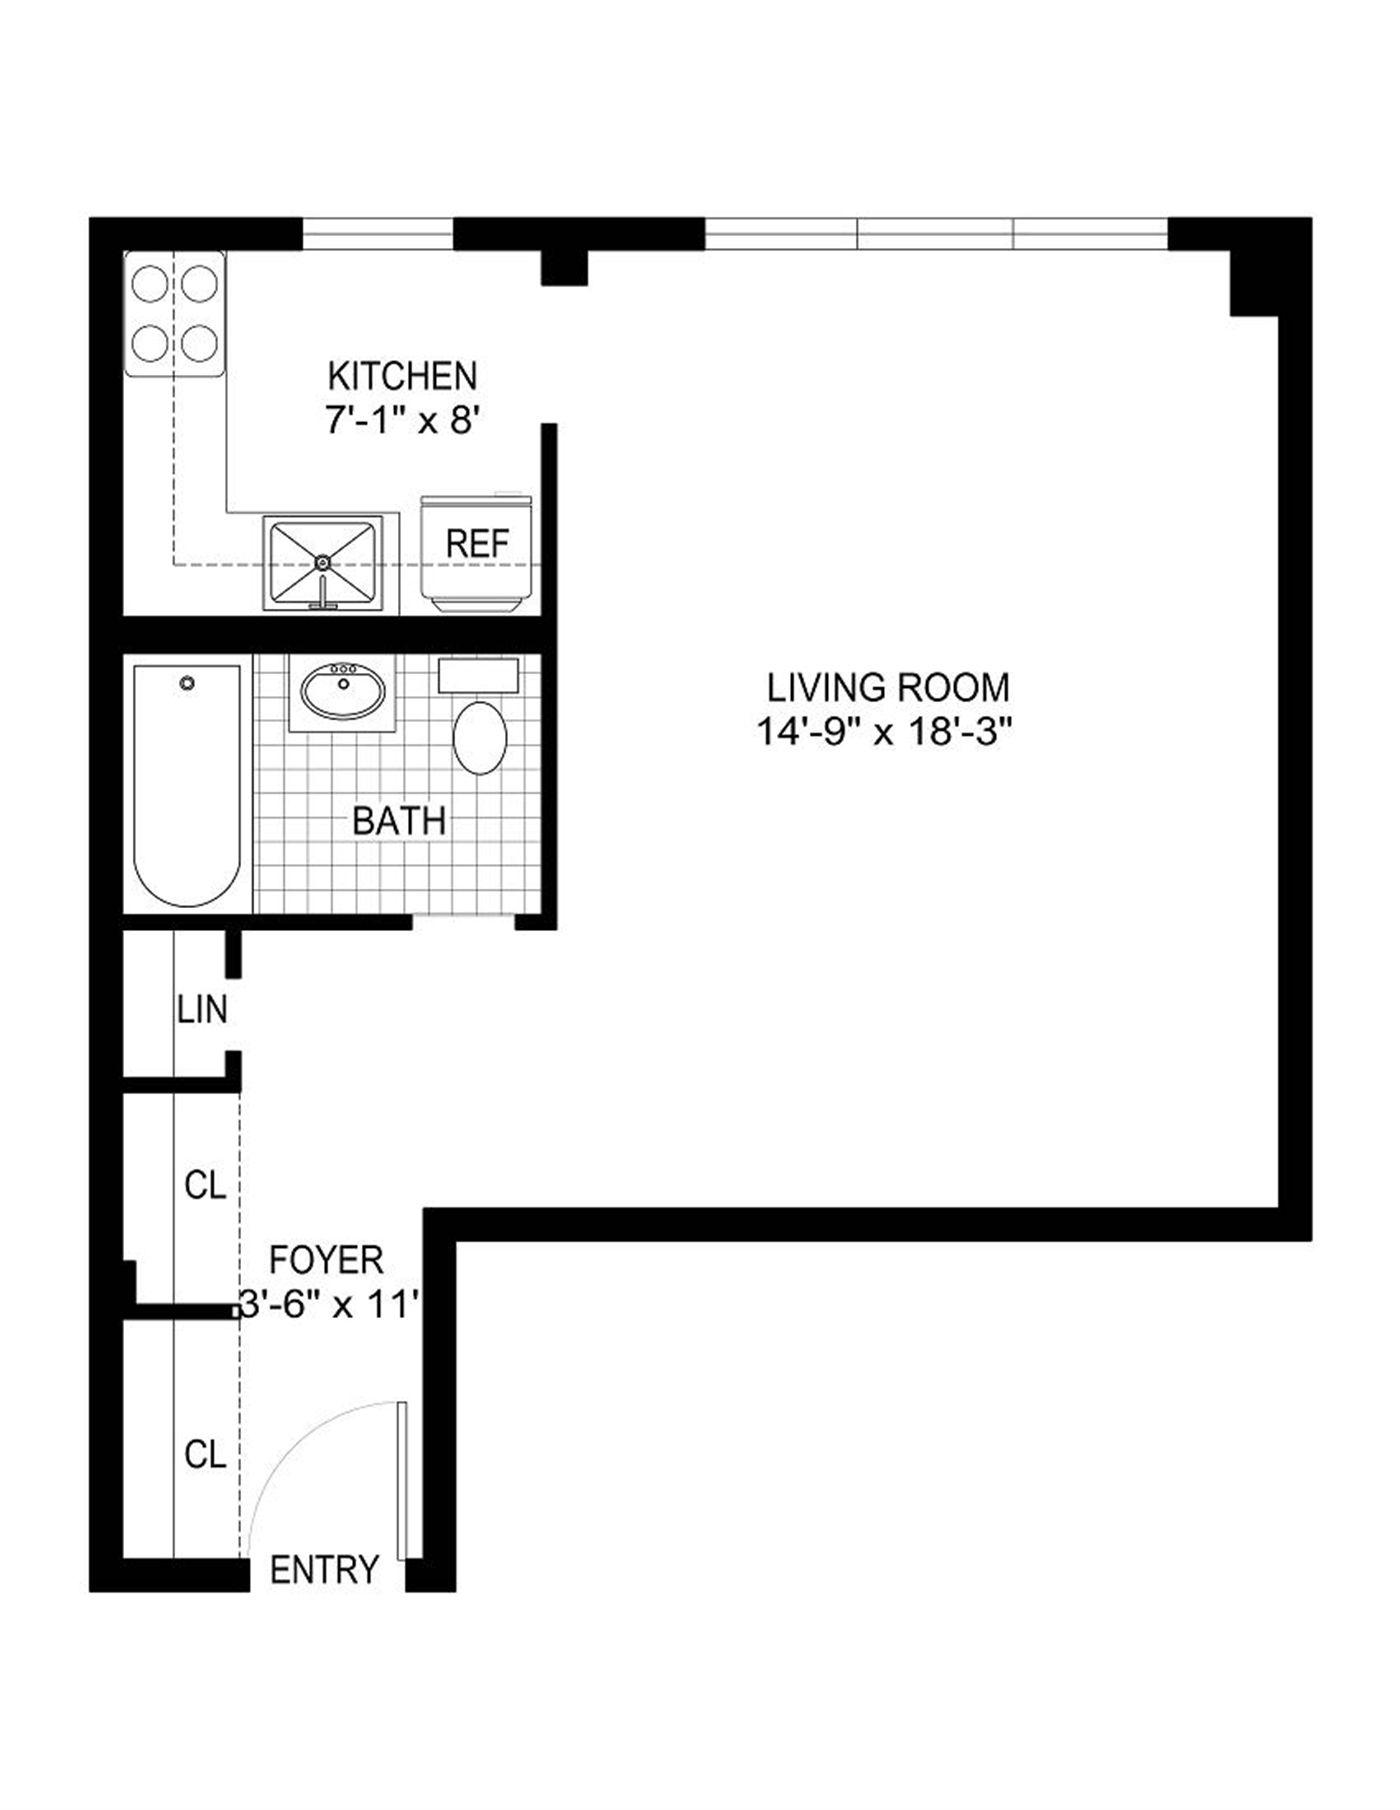 Apartment Studio Floor Design With Georgious Basement Plans Apartment Floor Plans Designs Small Apartment Designs Interior Design Apartment Desig Arquitetura